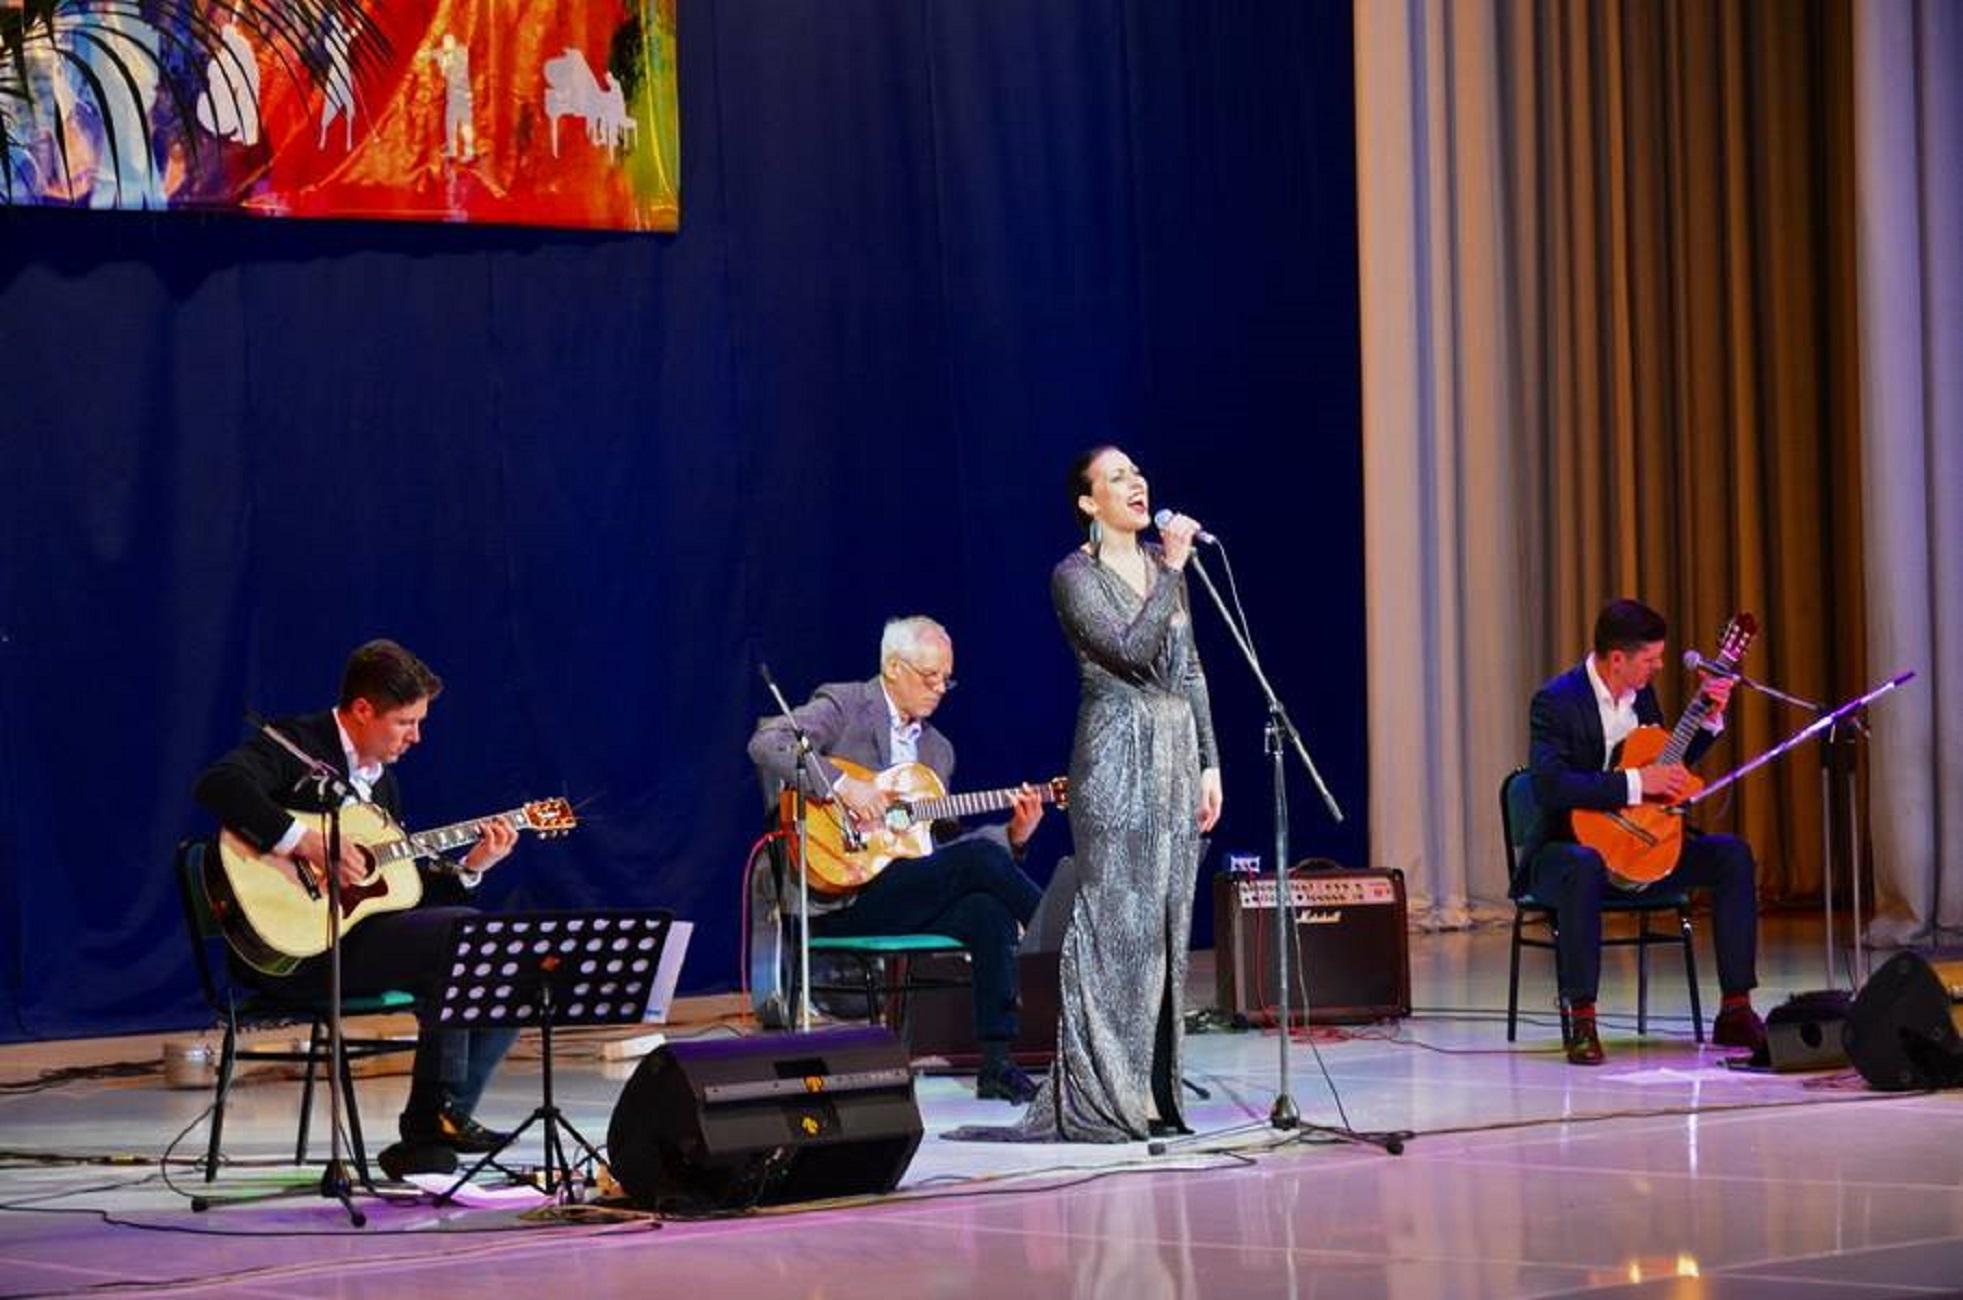 """Концерт латвийского трио """"AG 3"""" и певицы Айи Витолини. Ташкент, 5 апреля. [ЮНЕСКО]"""